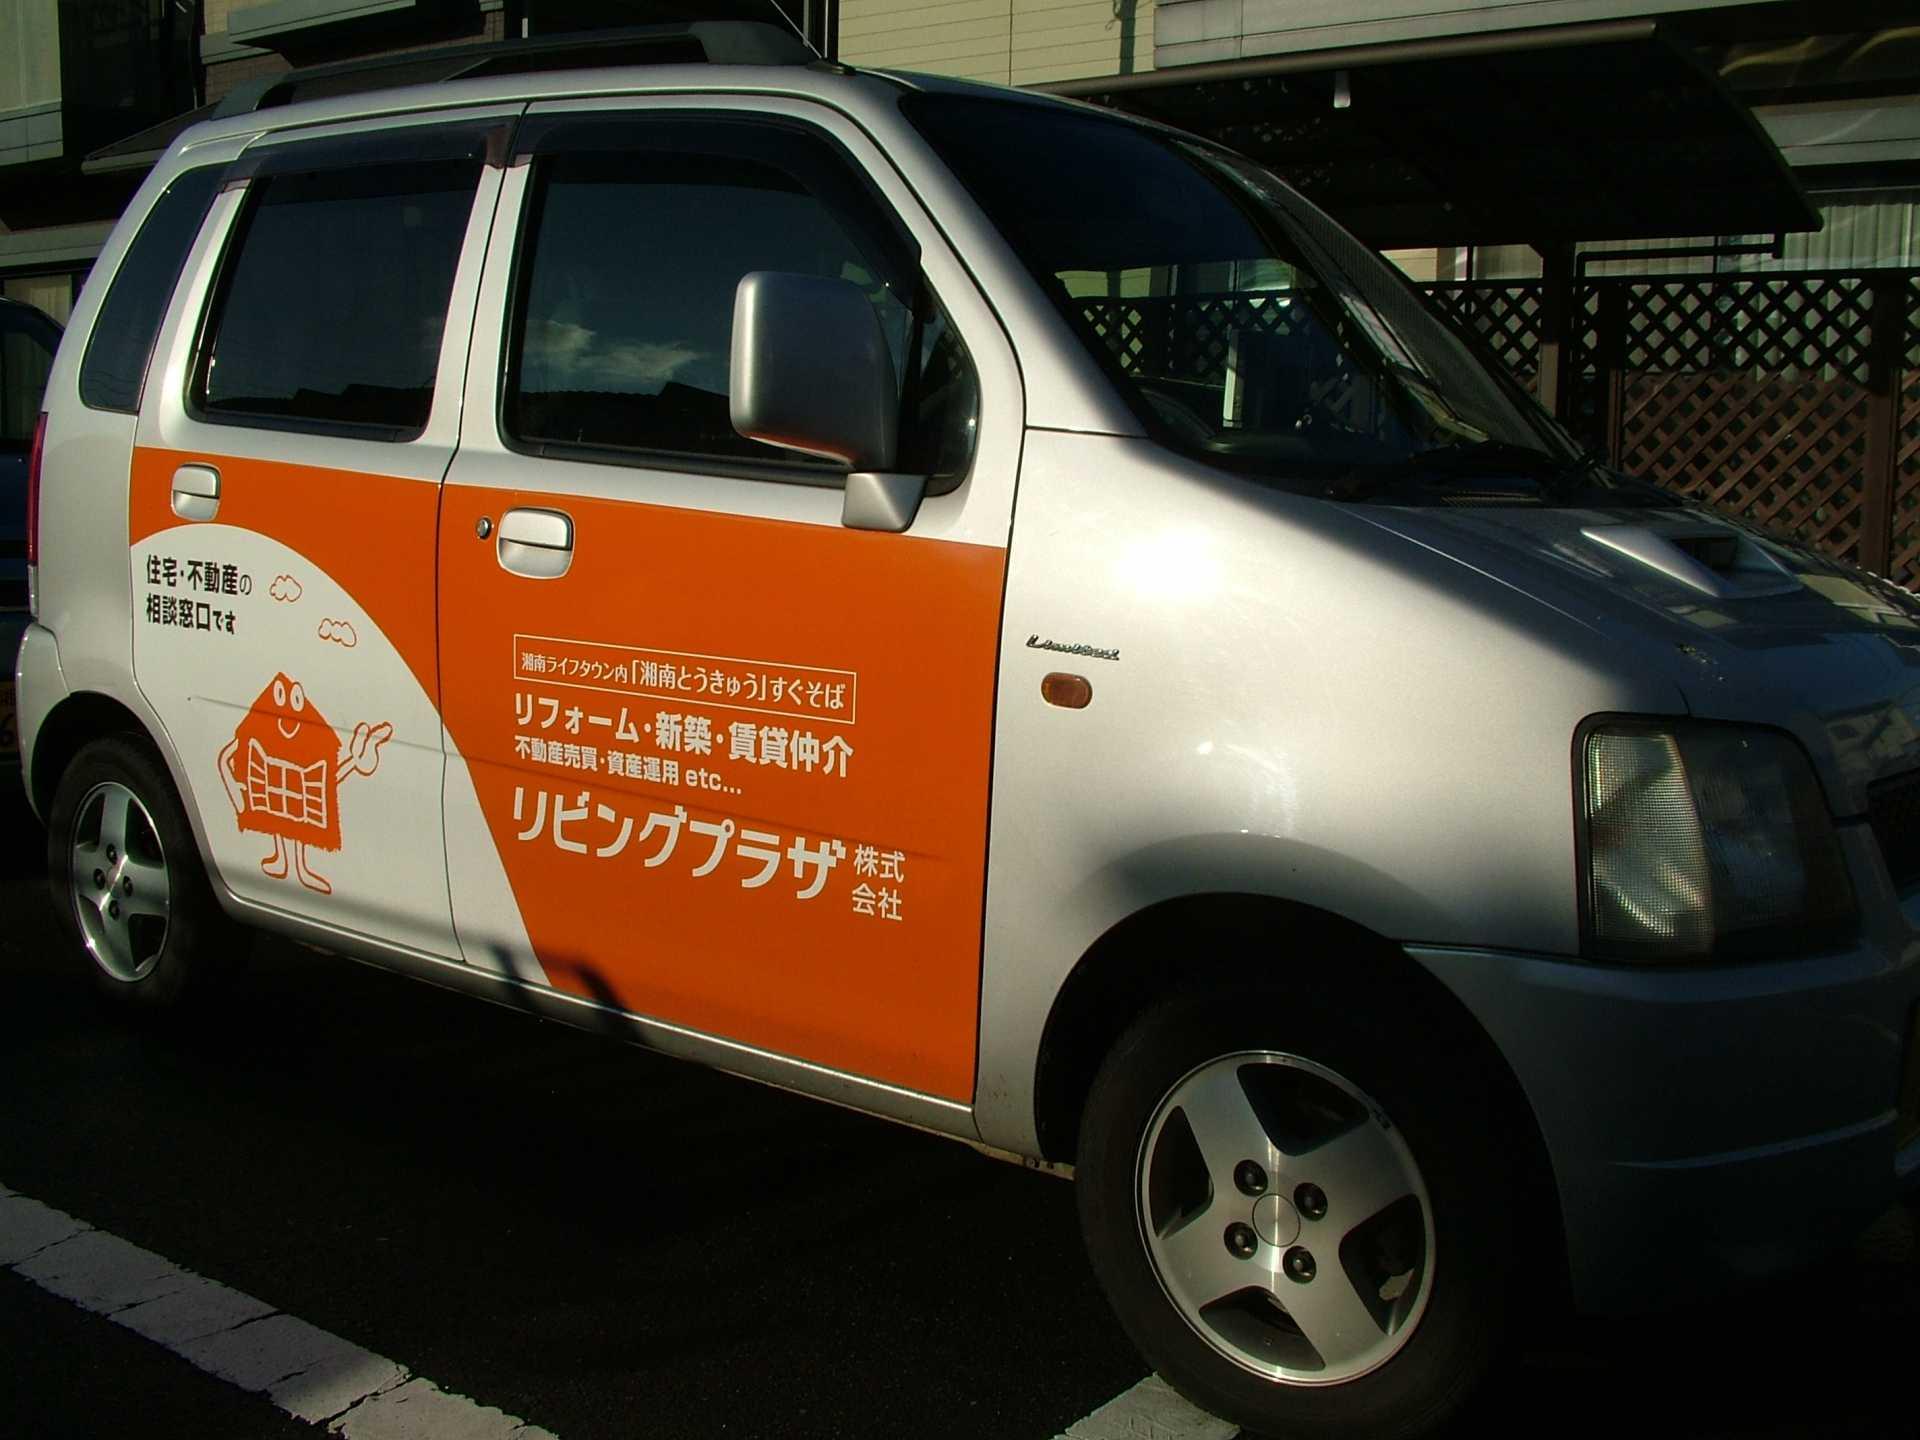 藤沢市湘南台の不動産・建築事業を営むリビングプラザ様からのご相談